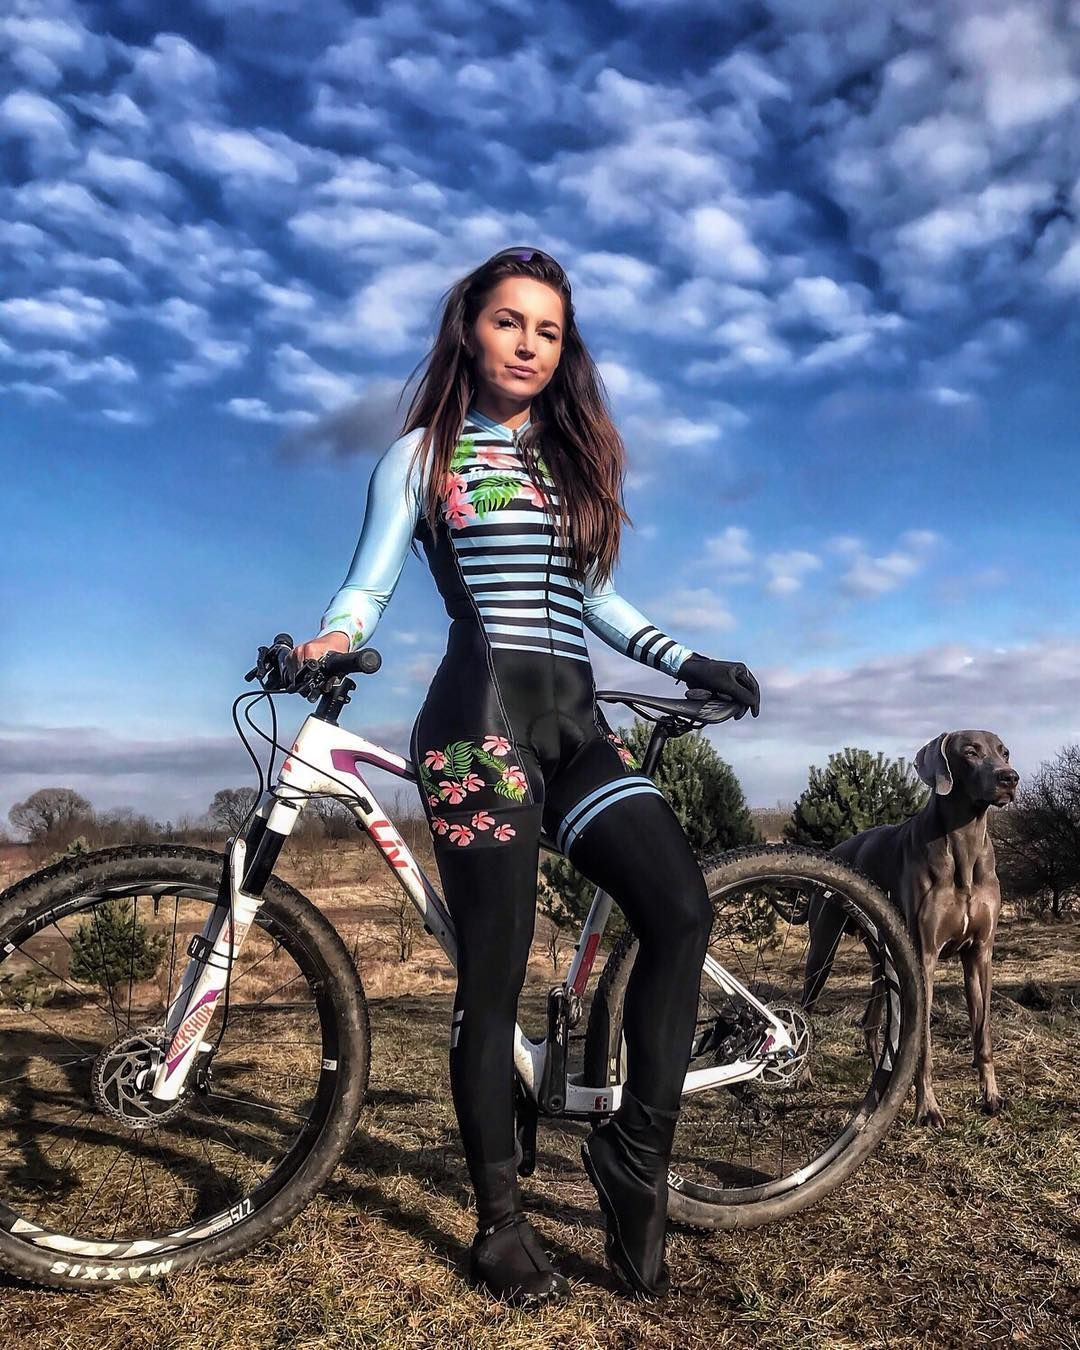 79 1 Tys Podpischikov 436 Podpisok 475 Publikacij Posmotrite V Instagram Foto I Video Sylwia Przybylska Strava Cycling Outfit Cycling Women Bicycle Girl